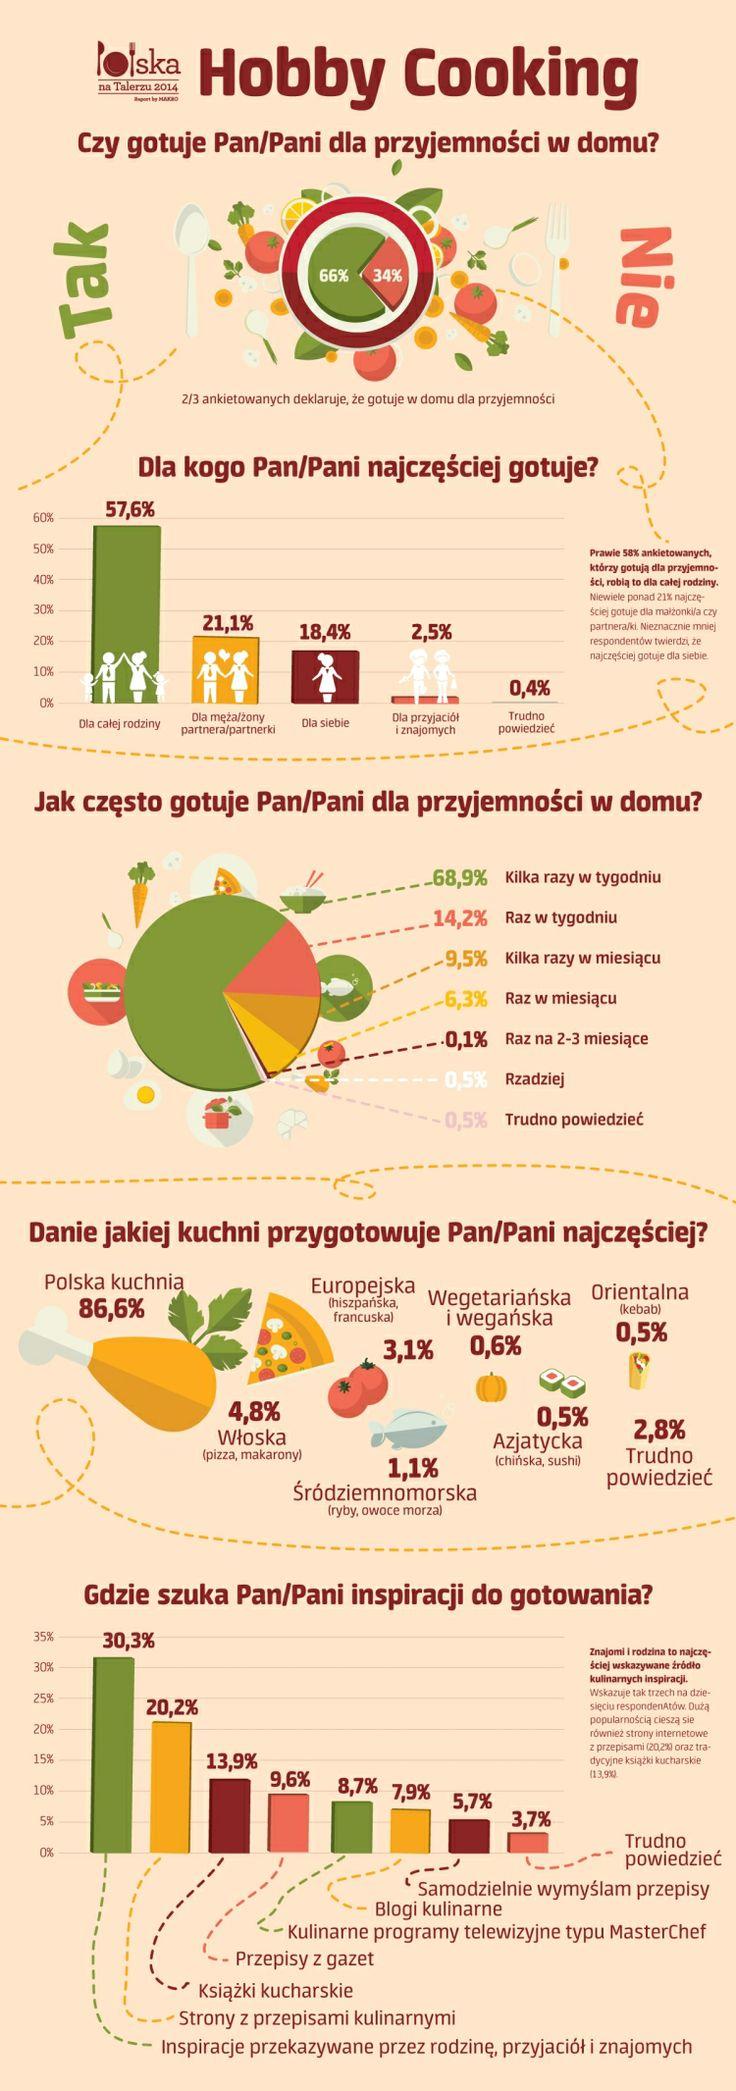 Gotowanie w domu - infografika, statystyki. https://plus.google.com/+Bce-badaniaPl/posts/AQY1ofXxCFD